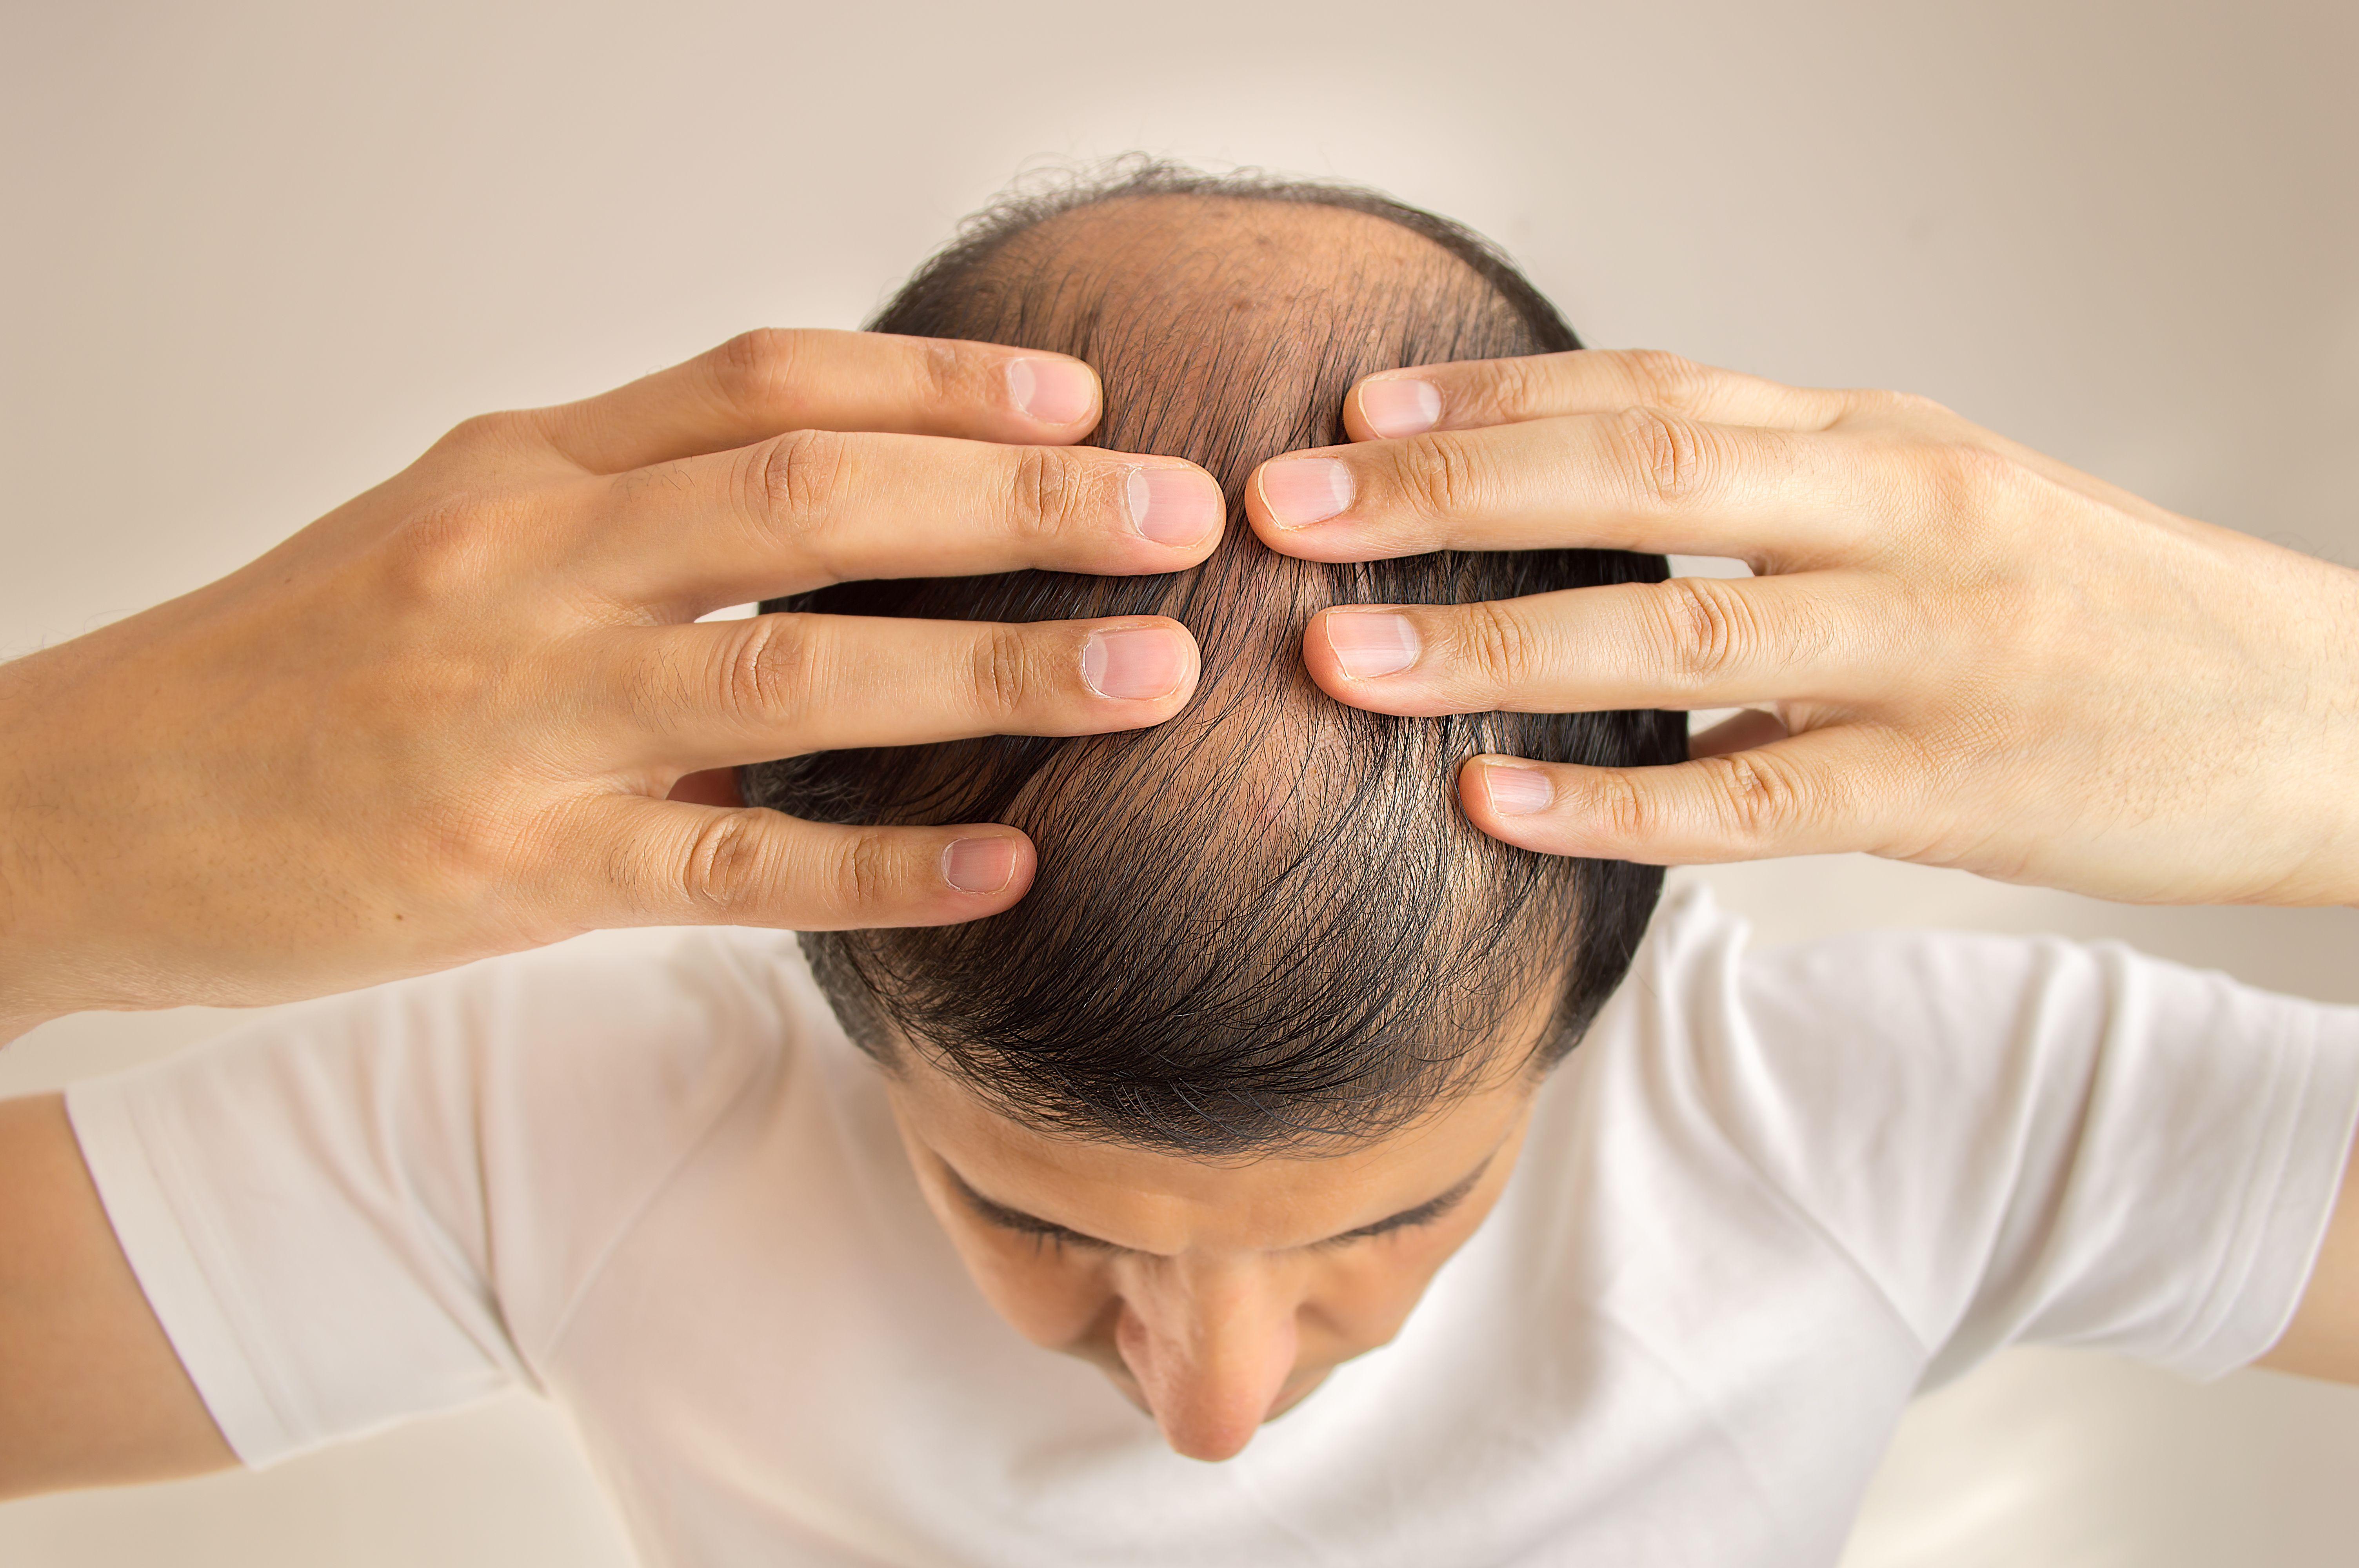 Caída de pelo: Tratamientos de Centro Dermatológico Verónica Díaz